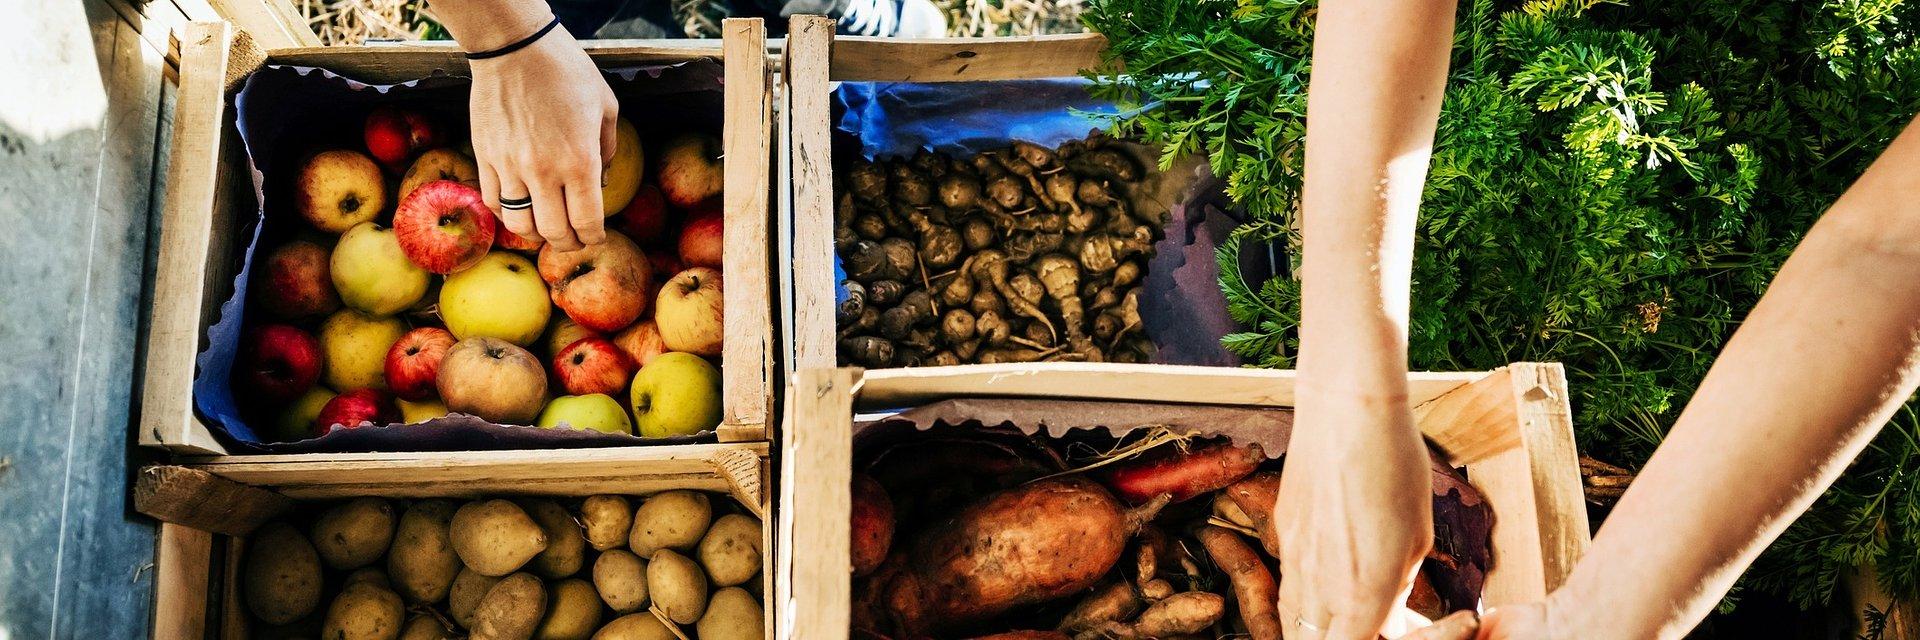 BGK rozszerza wsparcie dla rolników i przetwórców – zmiany w Funduszu Gwarancji Rolnych